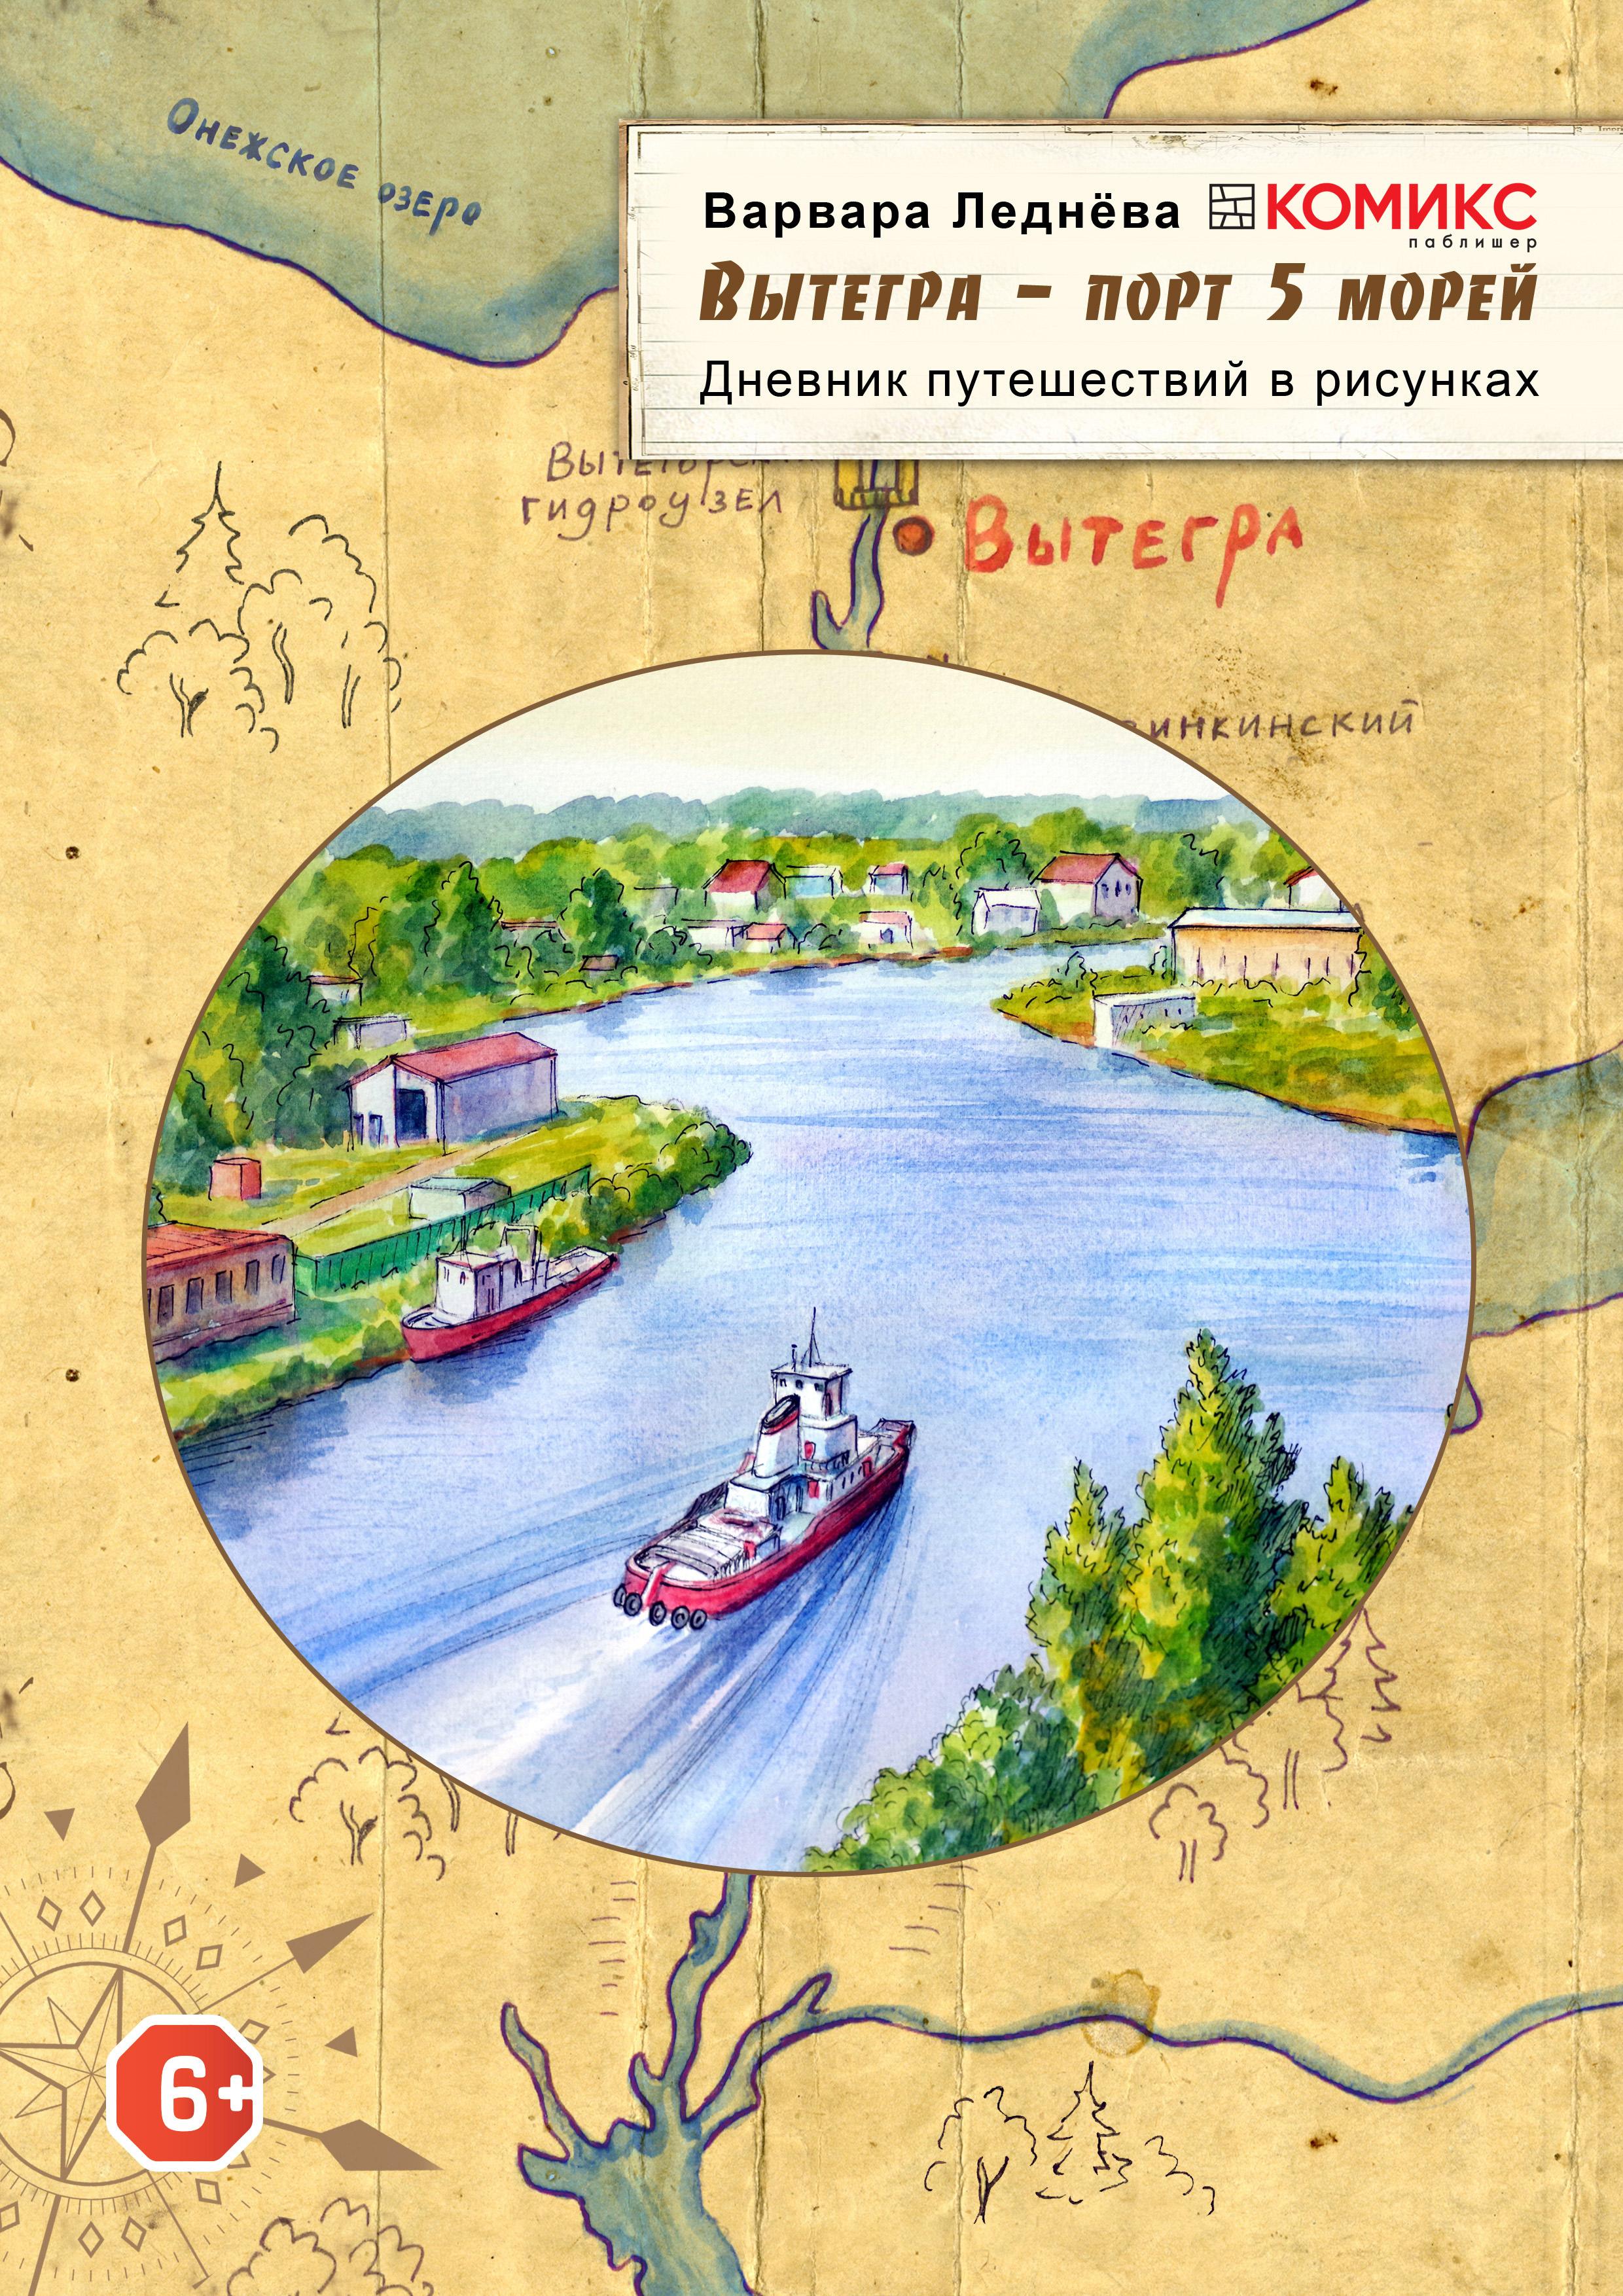 Купить книгу Вытегра – порт 5 морей, автора Варвары Леднёвой